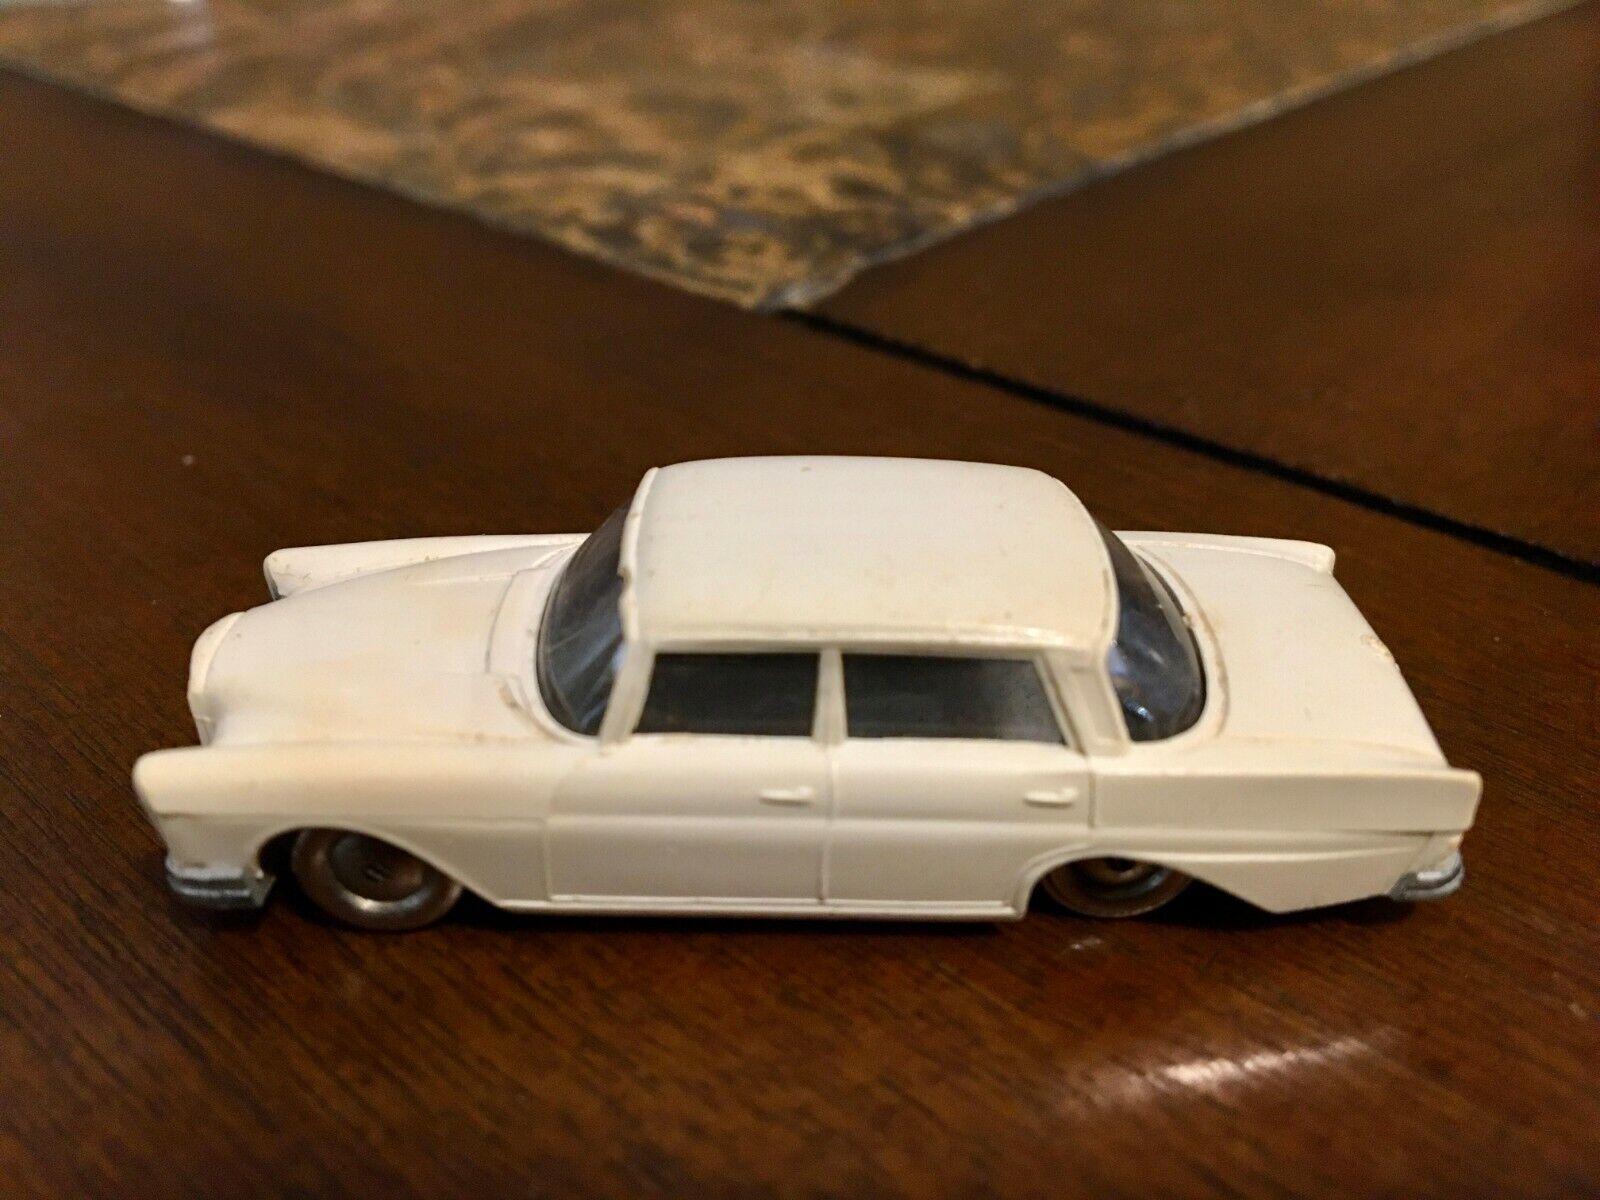 Lego HO Scale Retro Clásico década de 1960 Mercedes 220S extremamujerte rara